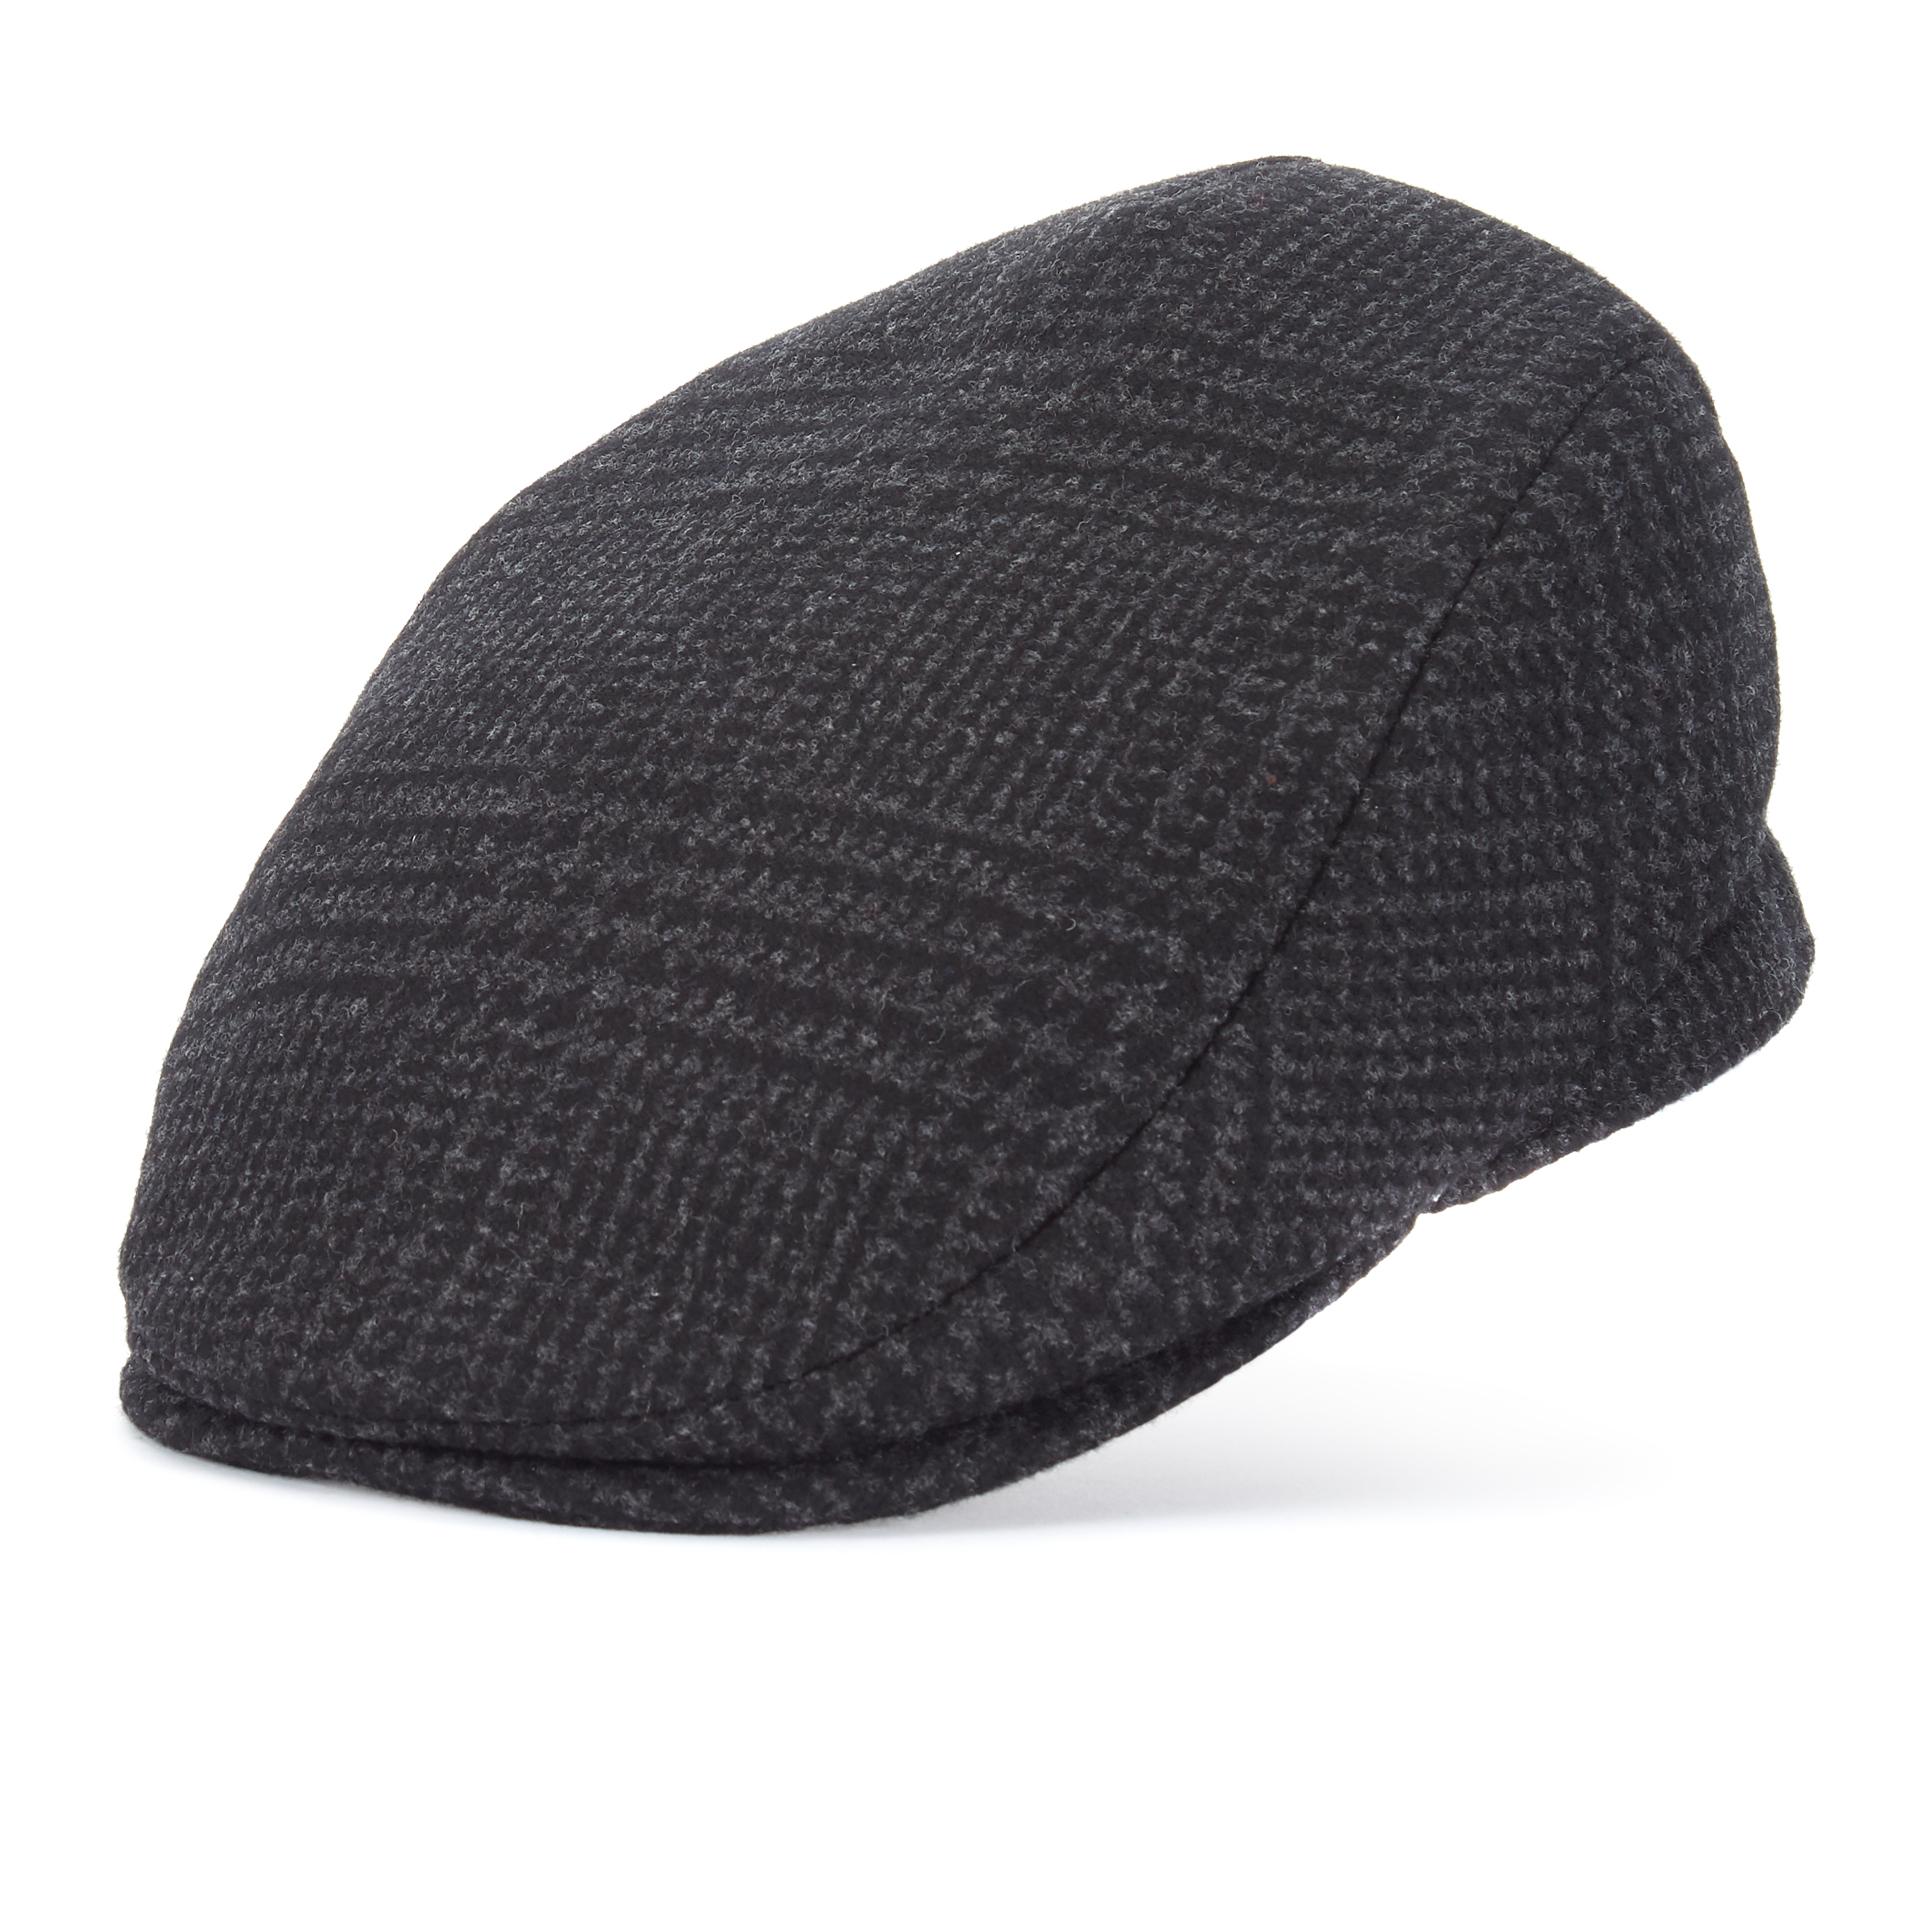 flat caps grosvenor_flat_cap_1.jpg YFJYKWU